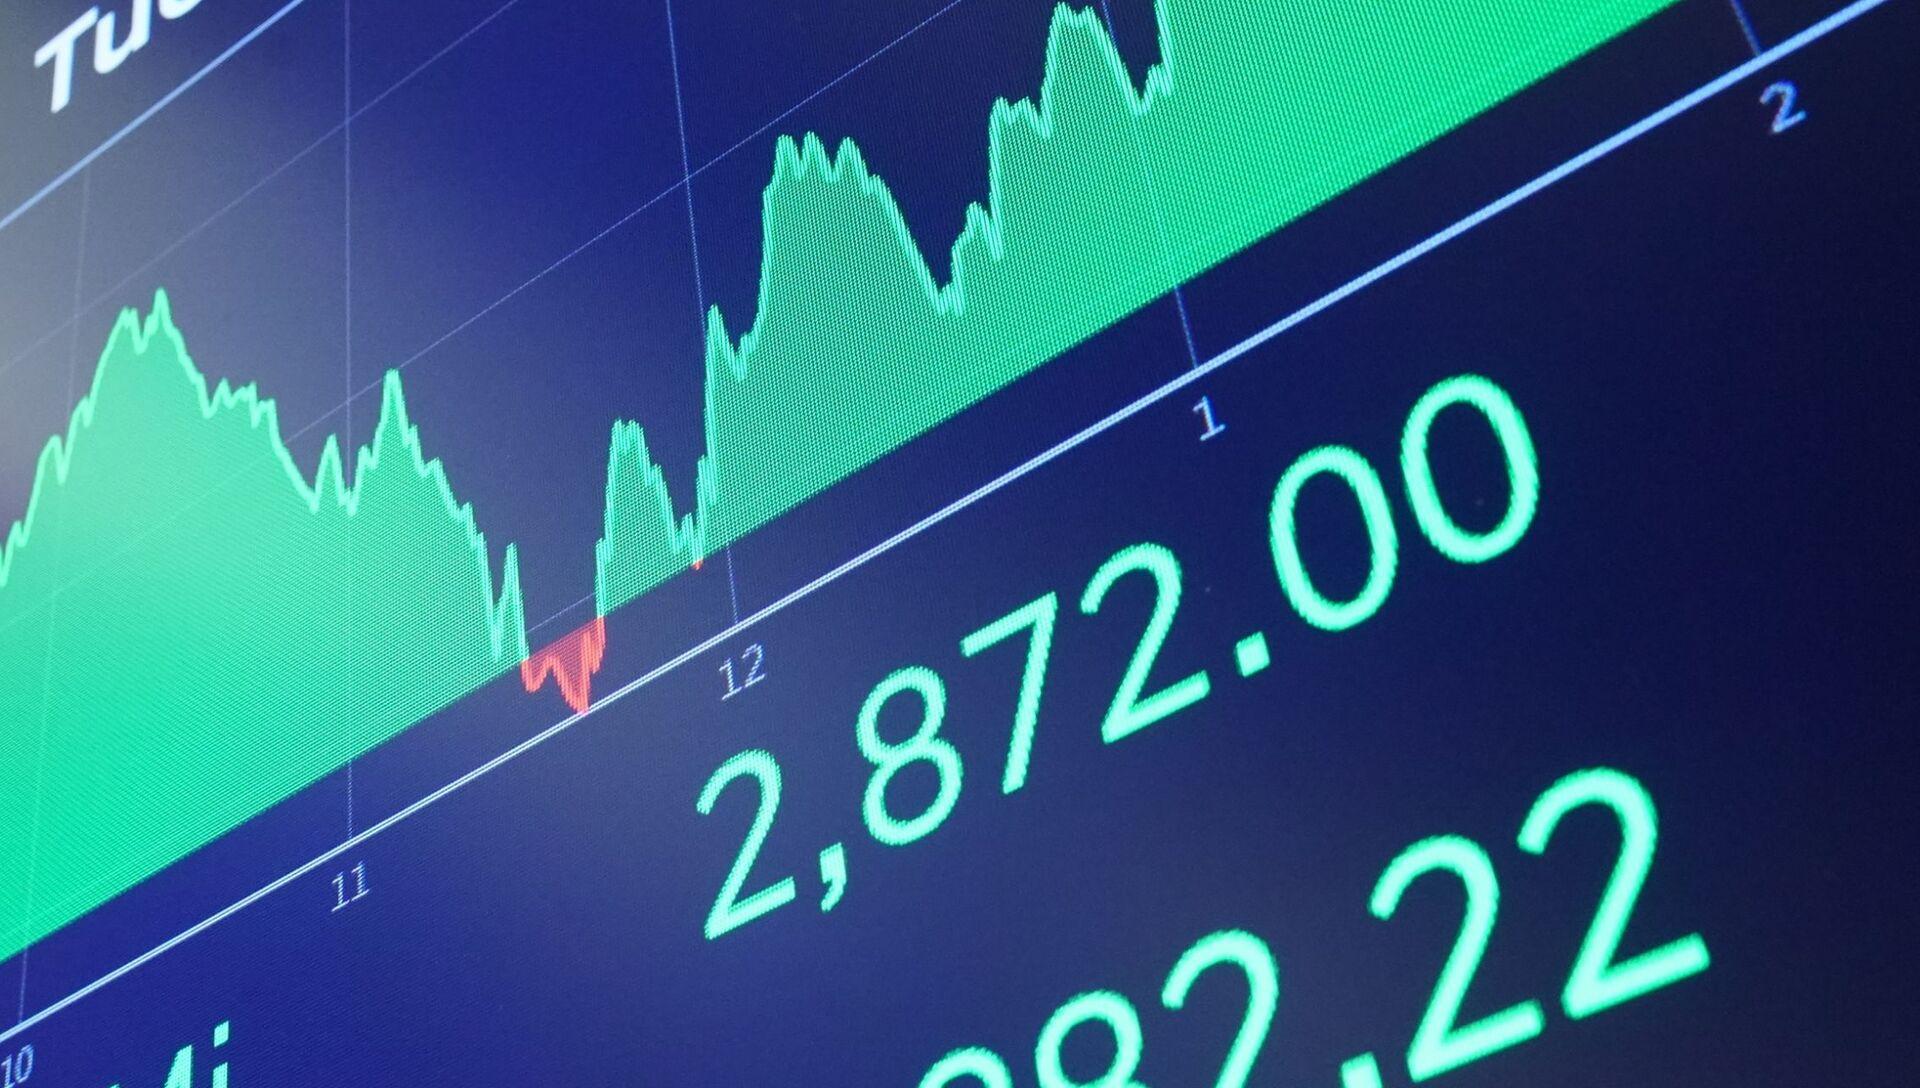 Нью-Йоркская фондовая биржа - РИА Новости, 1920, 28.10.2020